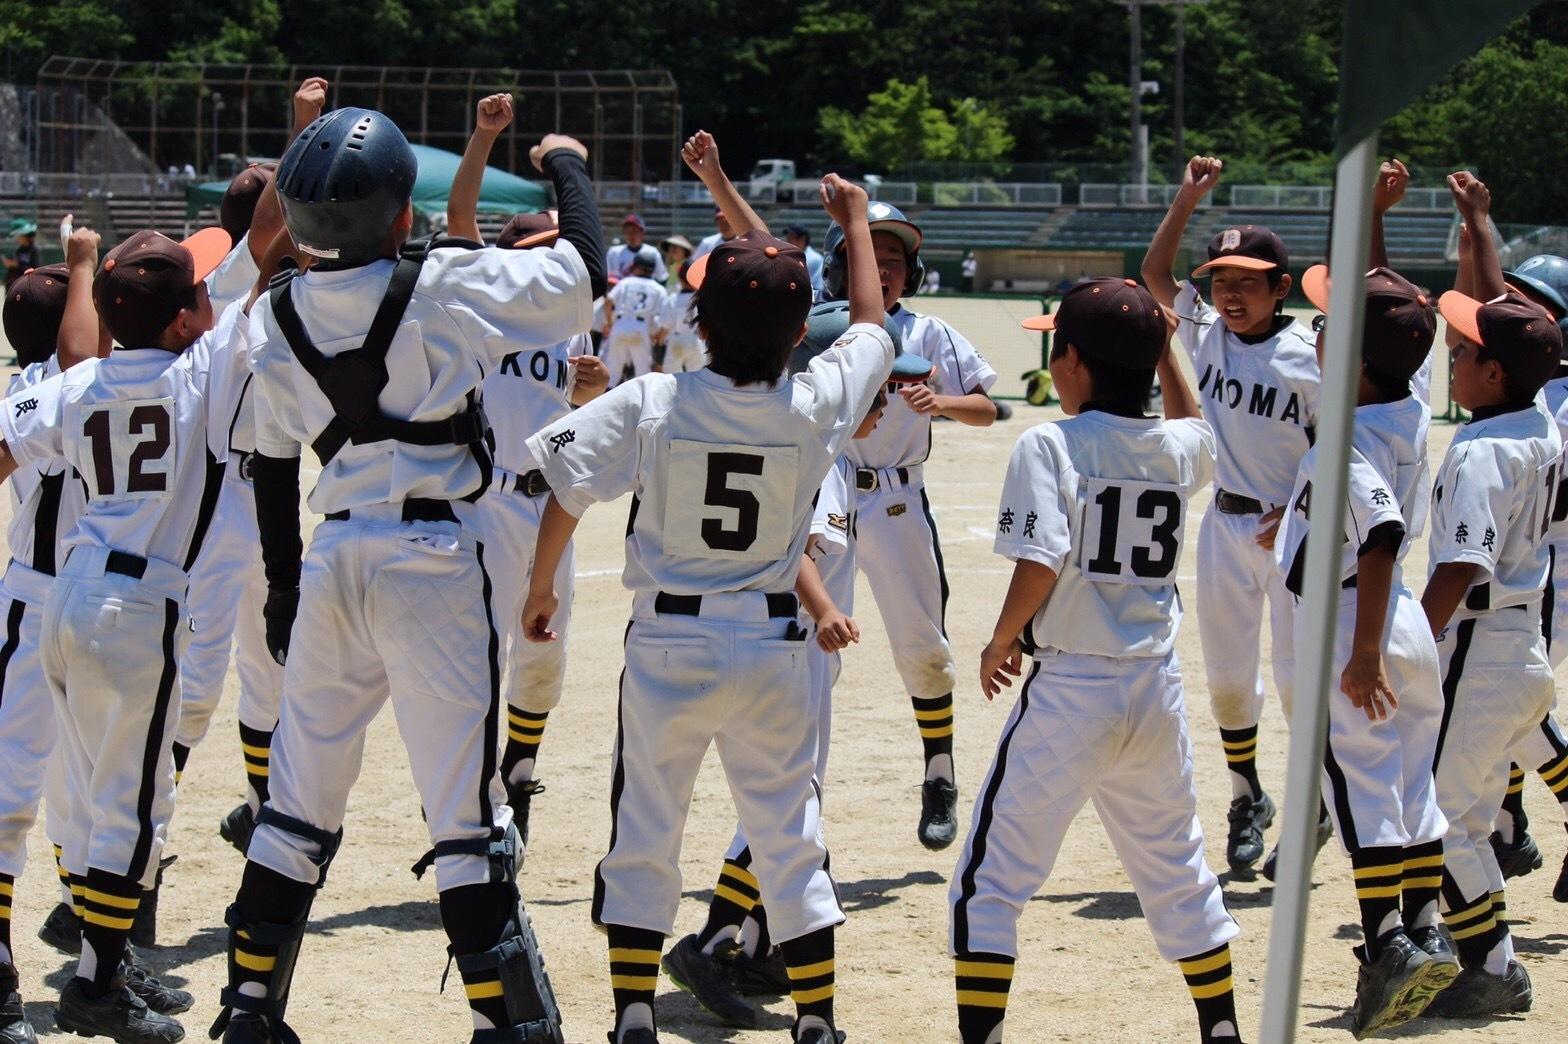 Bチーム 夏の大会 『大きな収穫』_b0296154_16242207.jpg